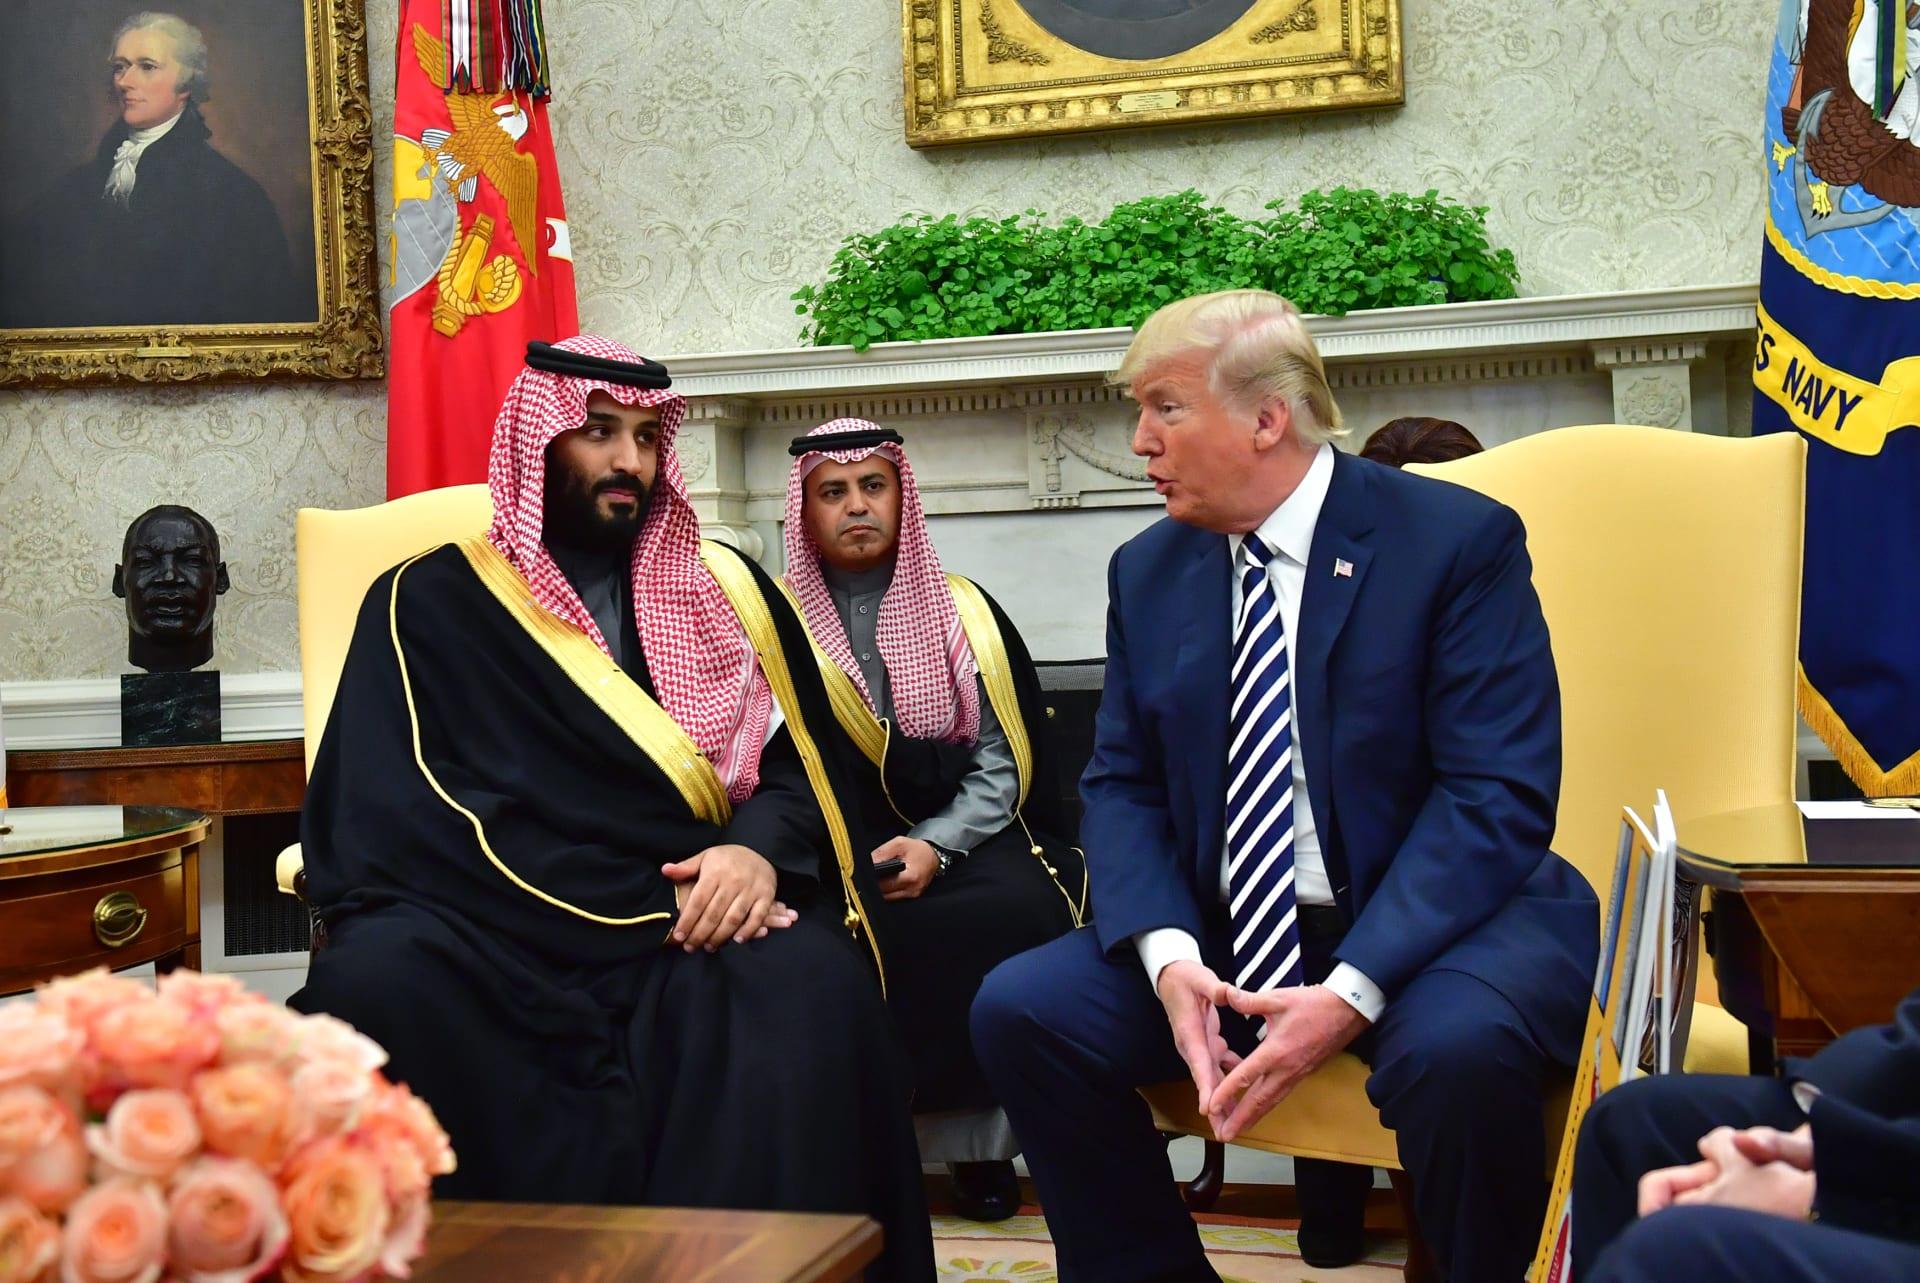 السعودية ترفع استثماراتها بالديون الأمريكية 6.7 مليار دولار في سبتمبر